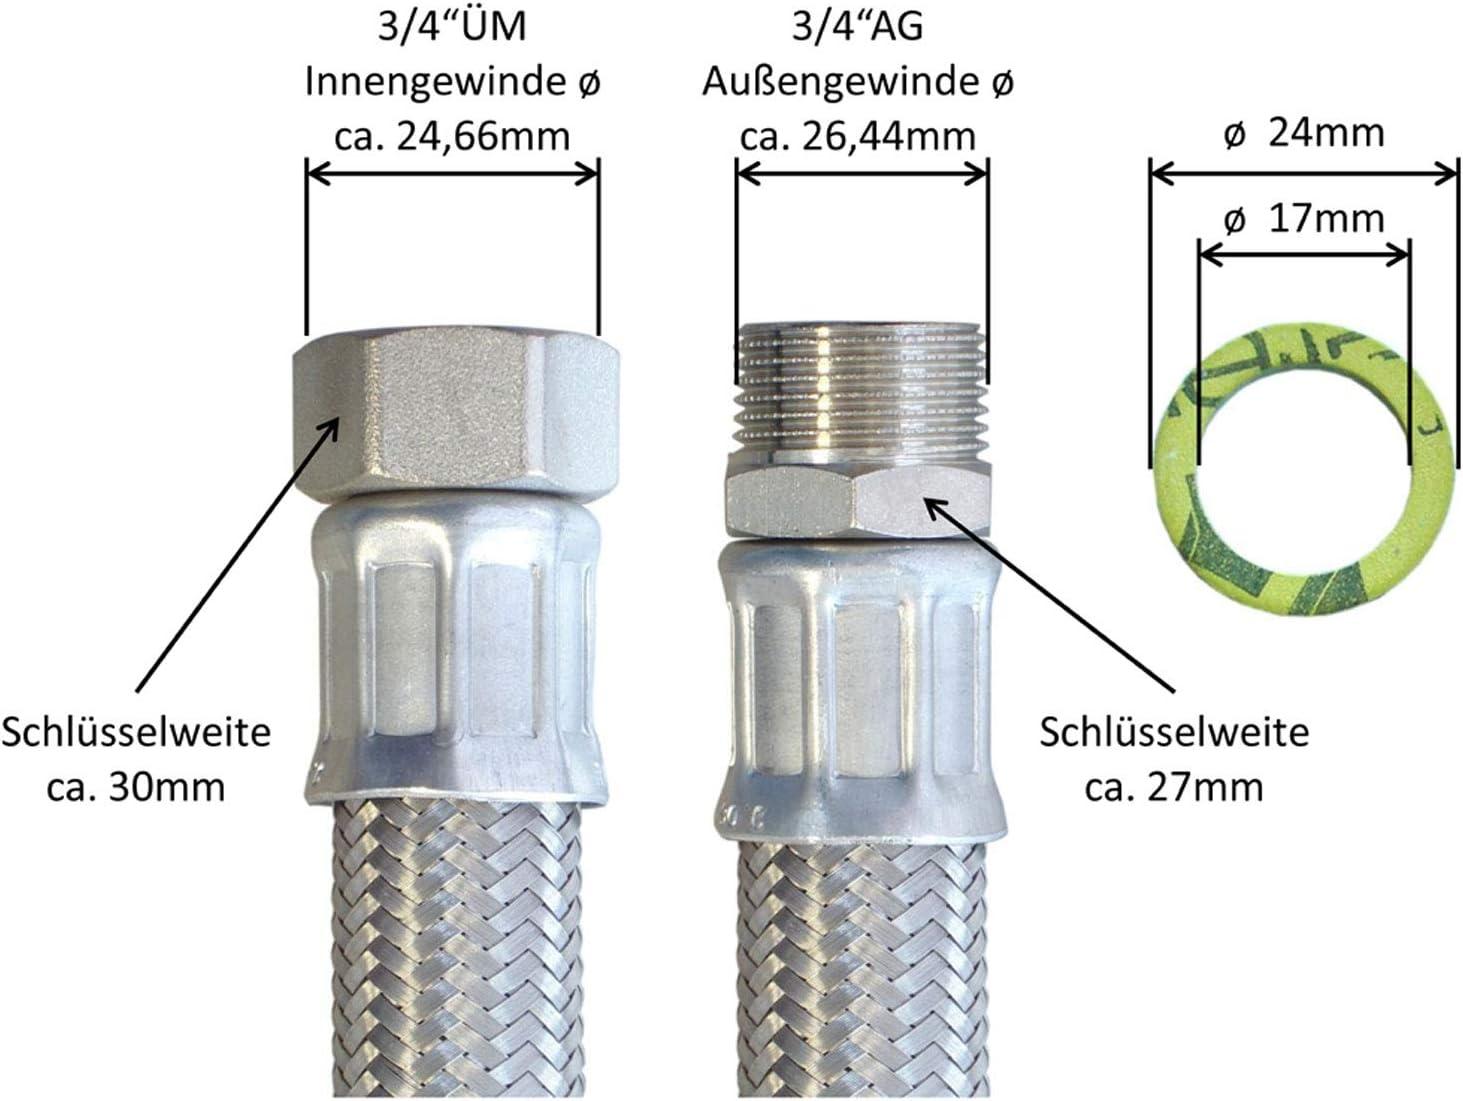 Trinkwasserzulassung Edelstahl Panzerschlauch 3//4/ÜM x 3//4AG L/änge 70 cm,Made in Germany DN19